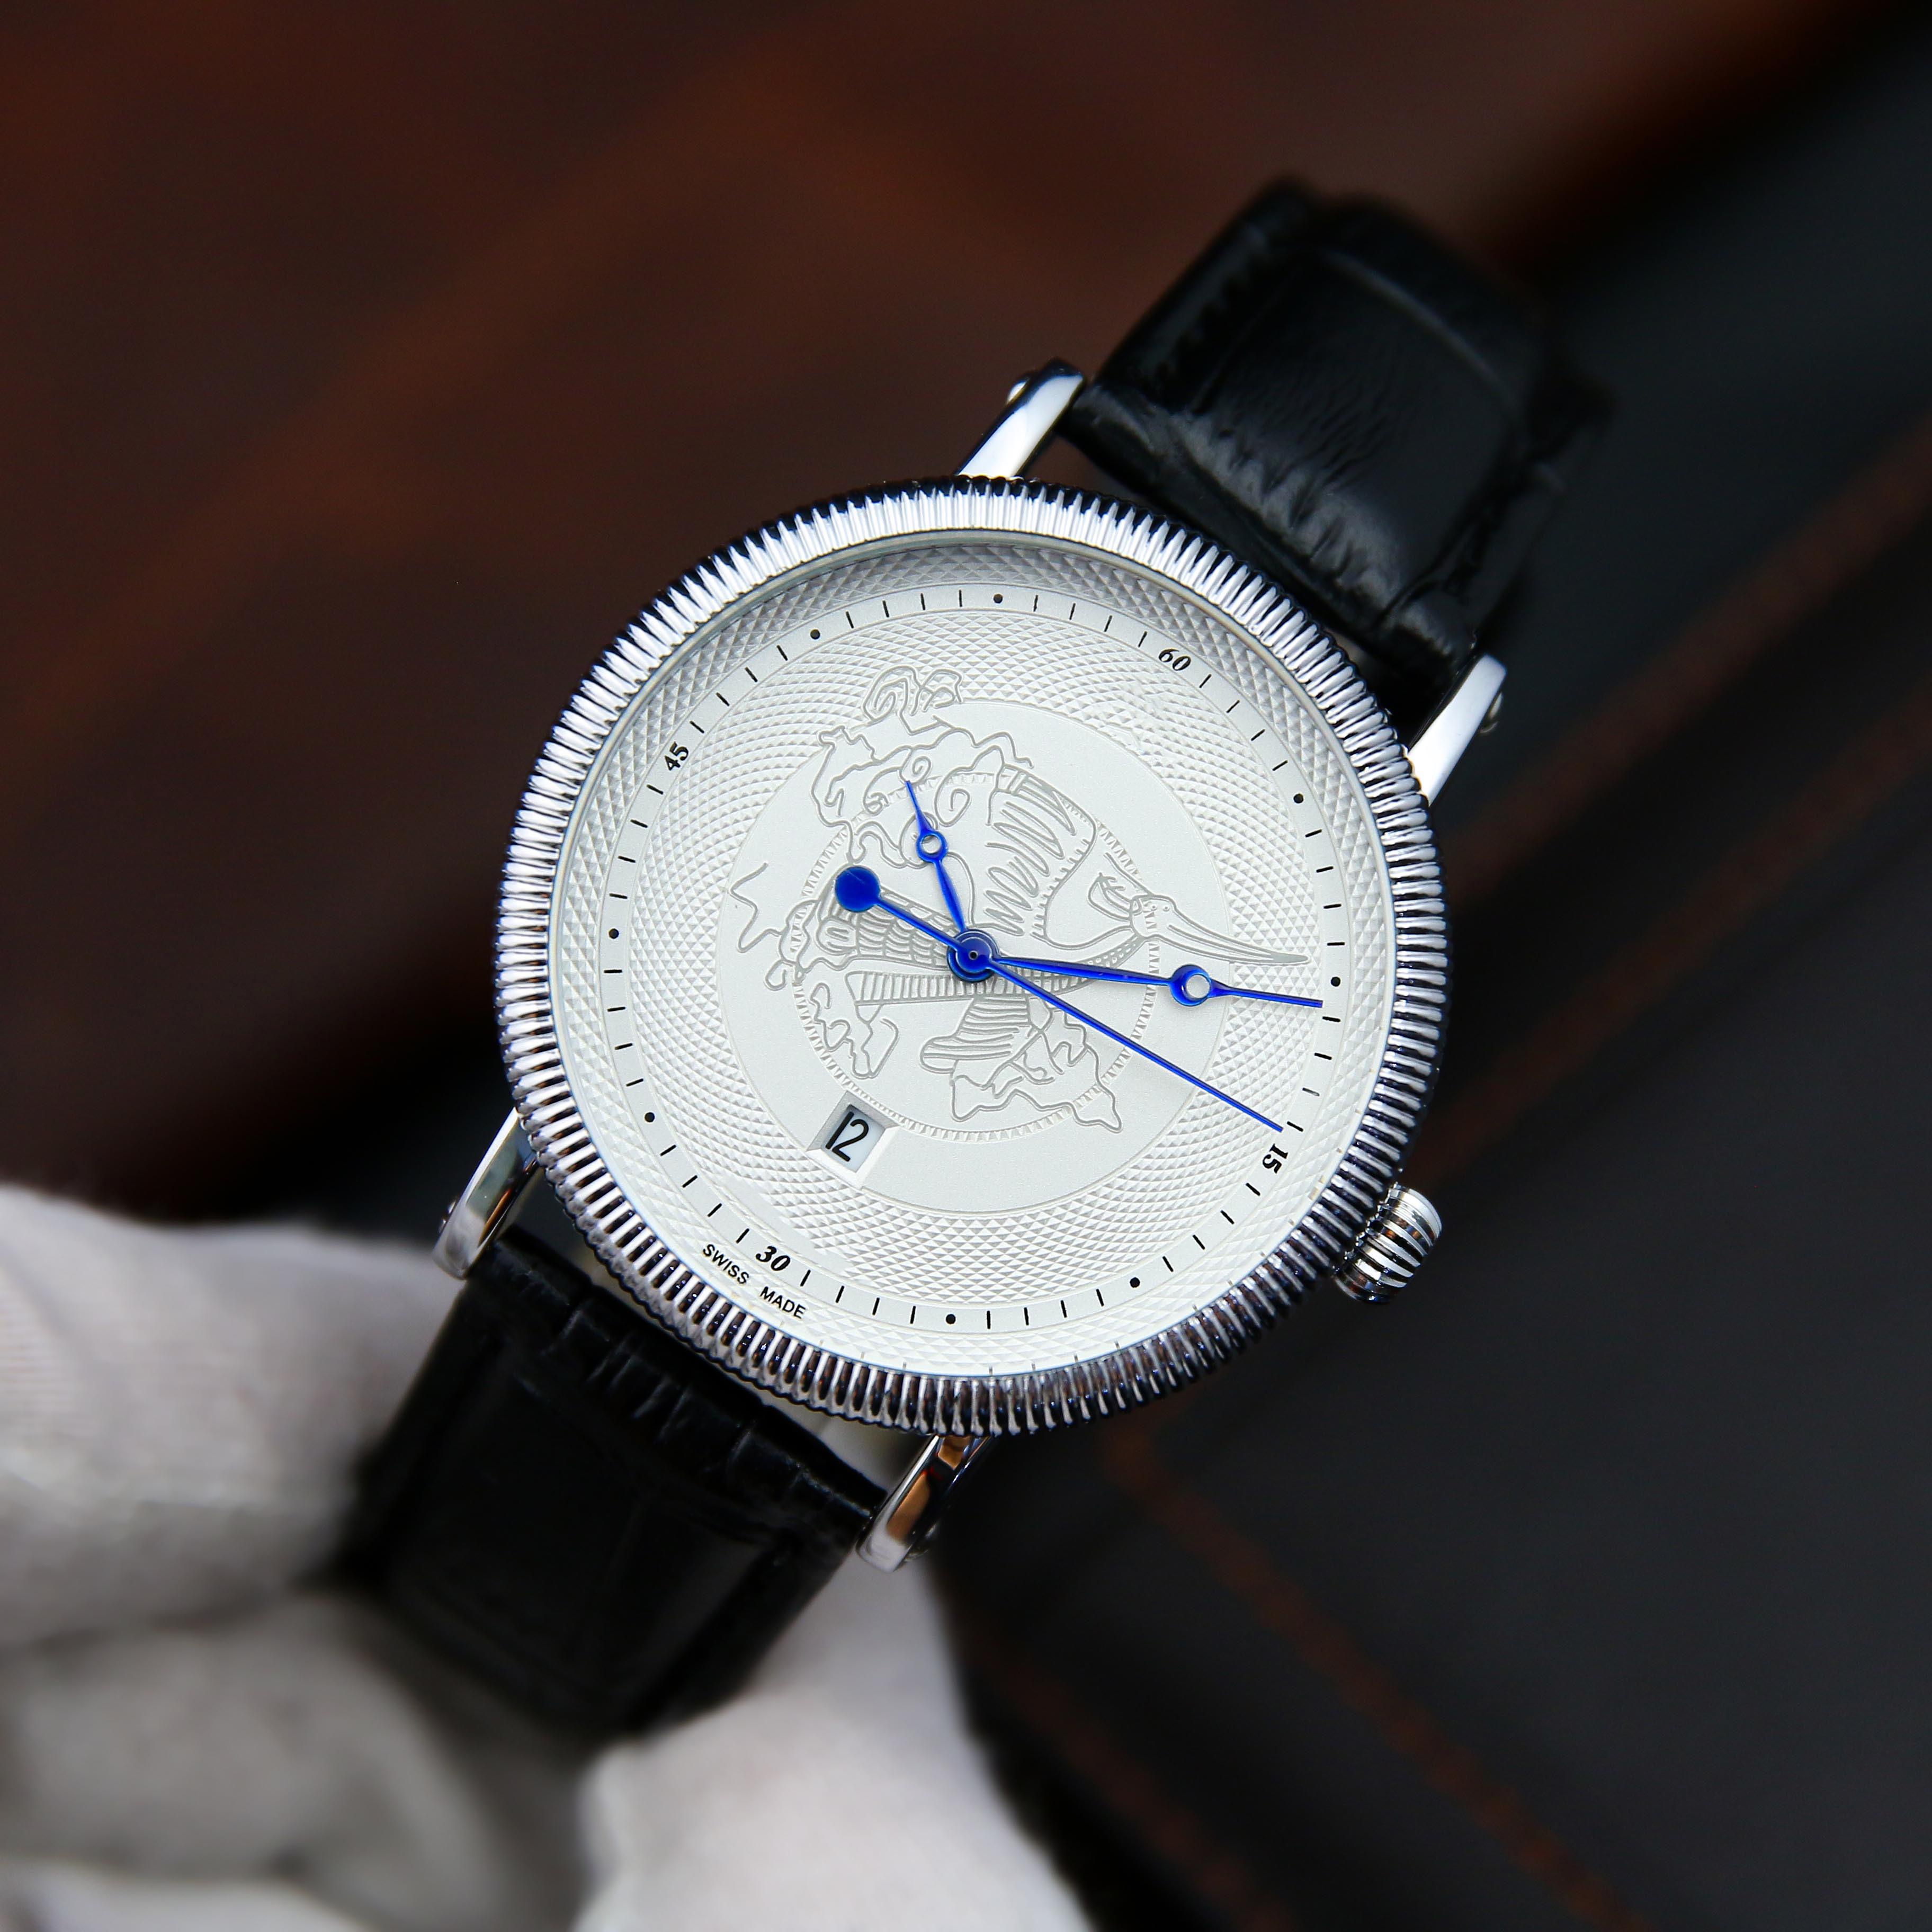 Đồng hồ nam dây da OR2120 phong cách sang trọng mặt kính chống xước cao cấp – Phù hợp đi làm, đi chơi